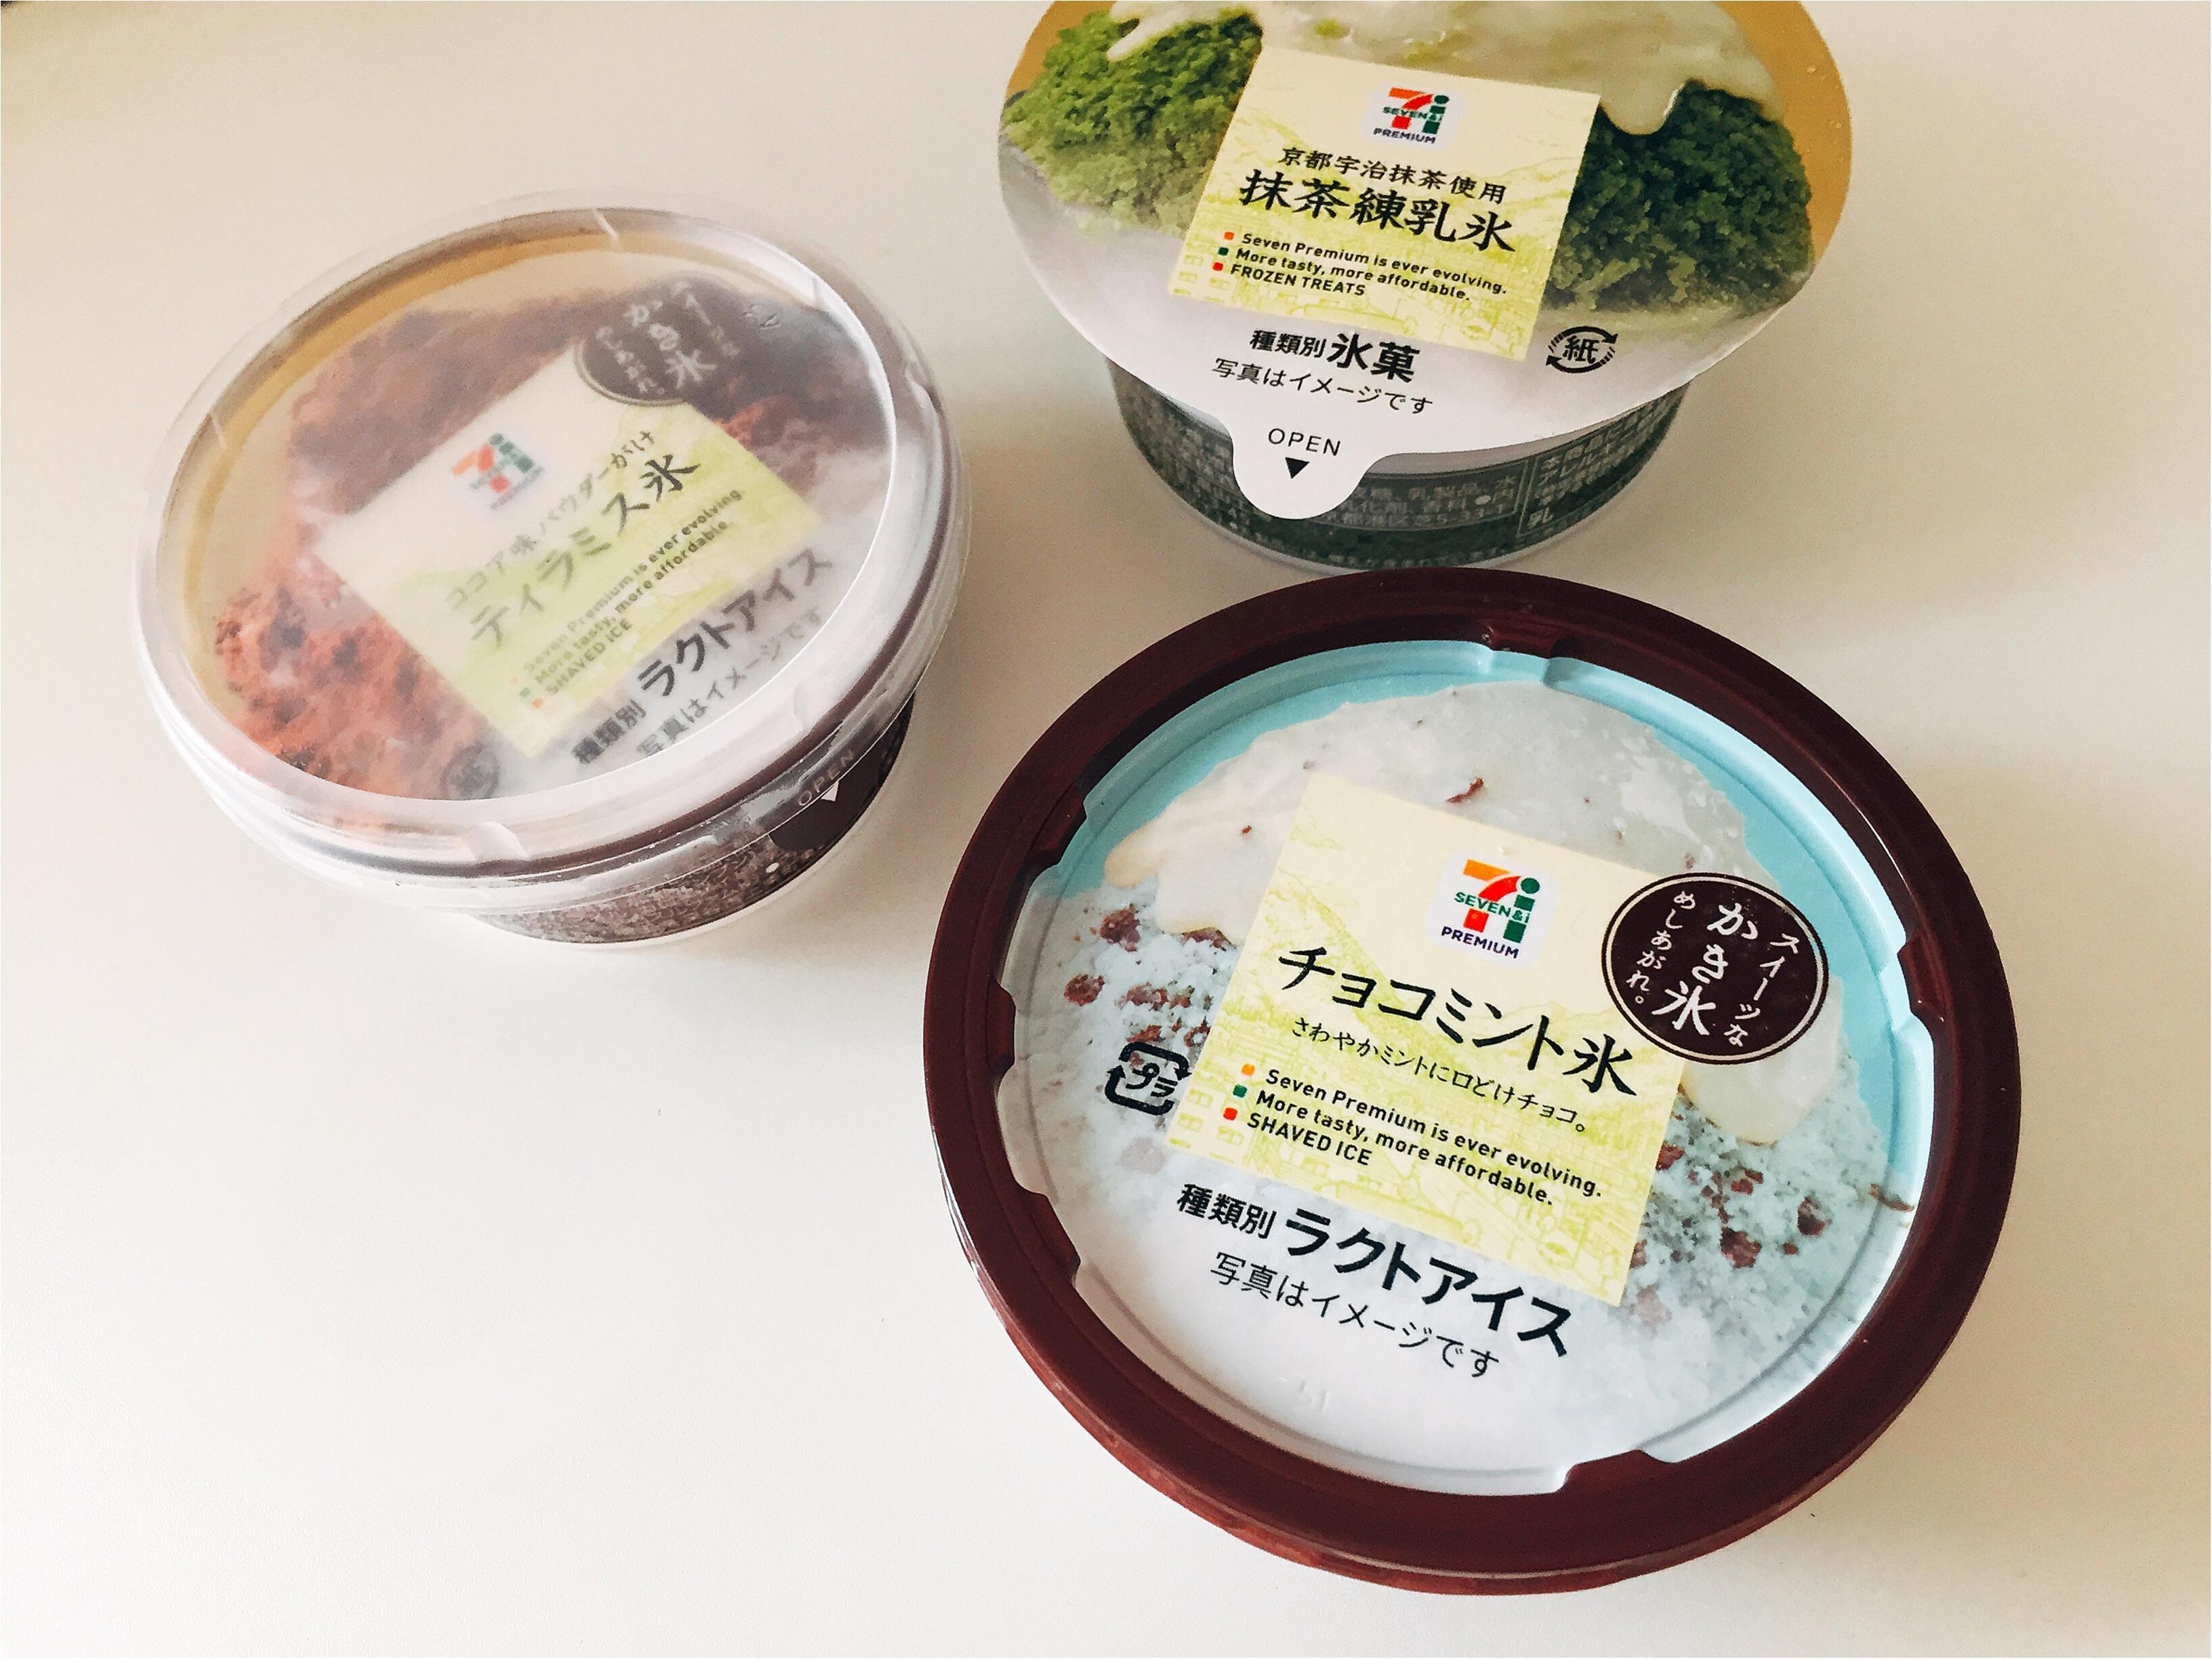 【セブンイレブン】大人気!あのアイスシリーズから『チョコミント氷』が新登場!!_1